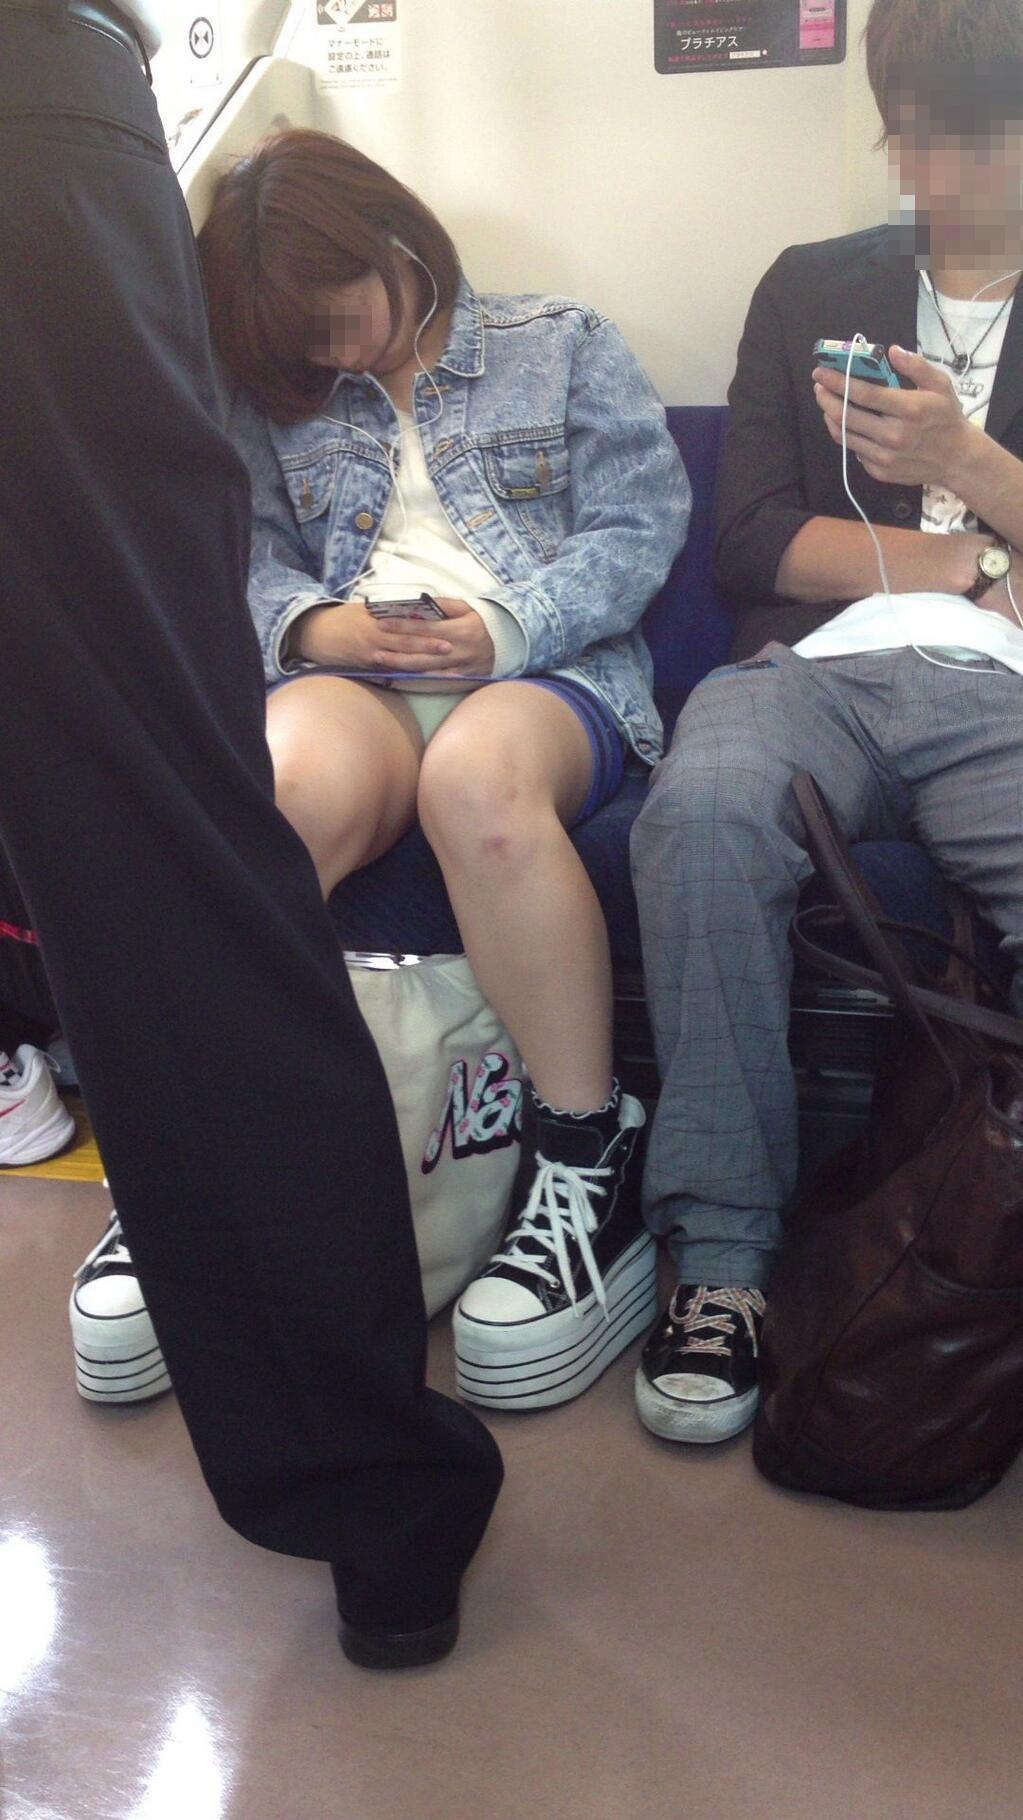 【対面パンチラエロ画像】電車通勤で座れる男達の密かな楽しみwww対面女性のミニスカチラ覗き 06